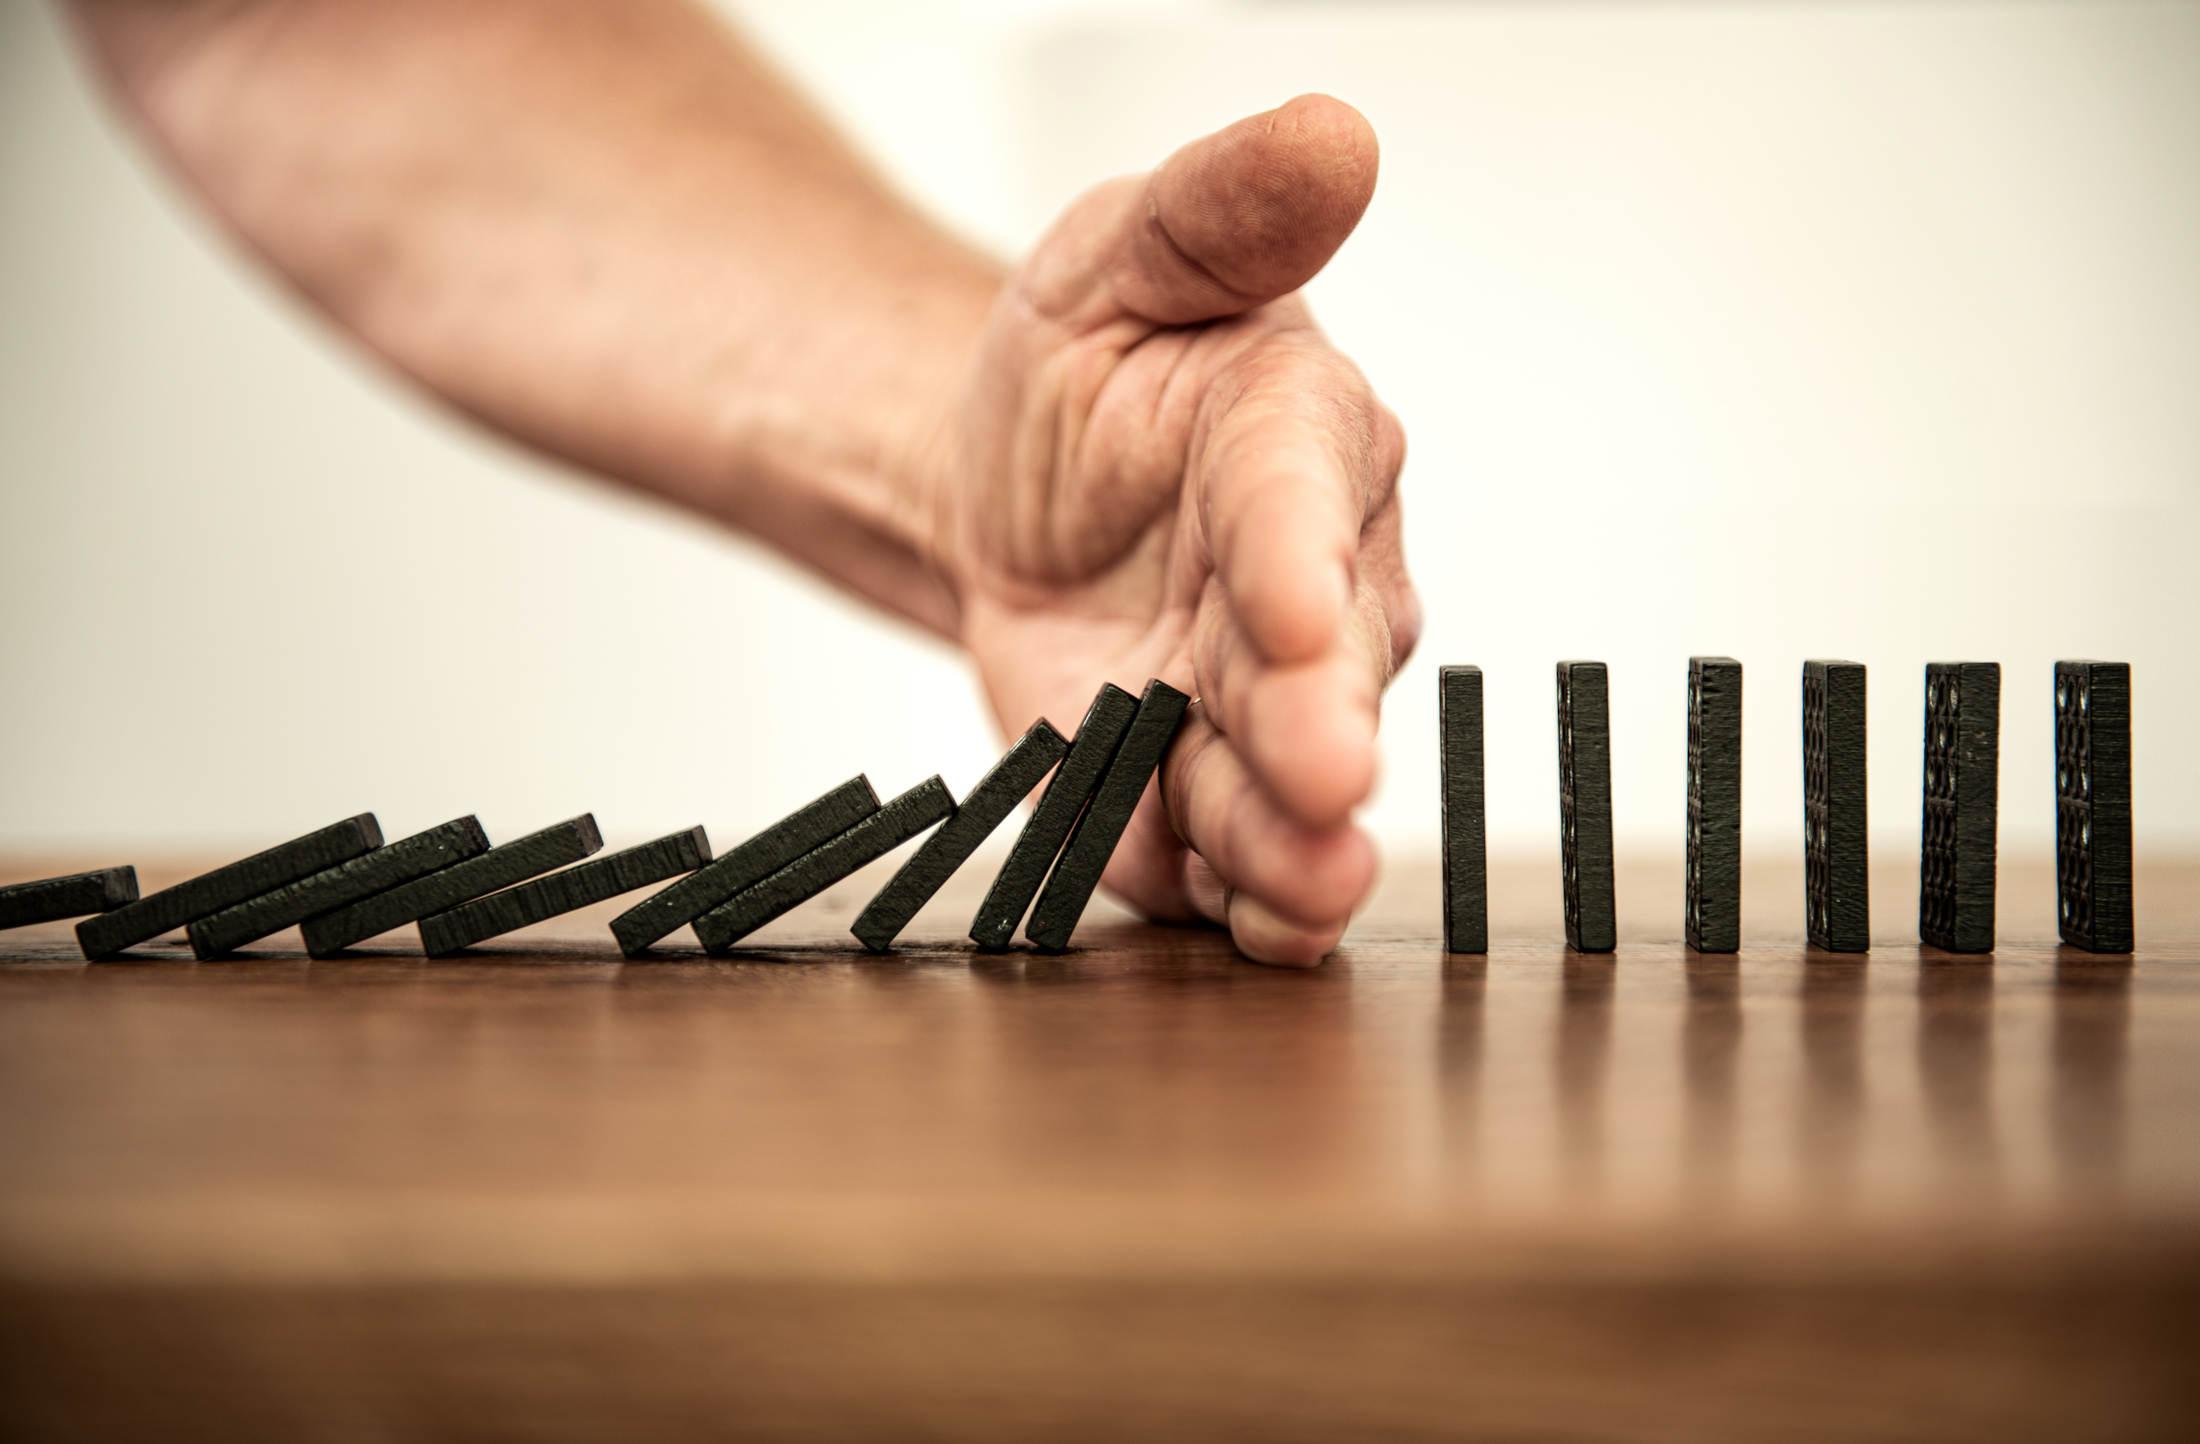 Domino Effekt wird durch eine Hand gestoppt